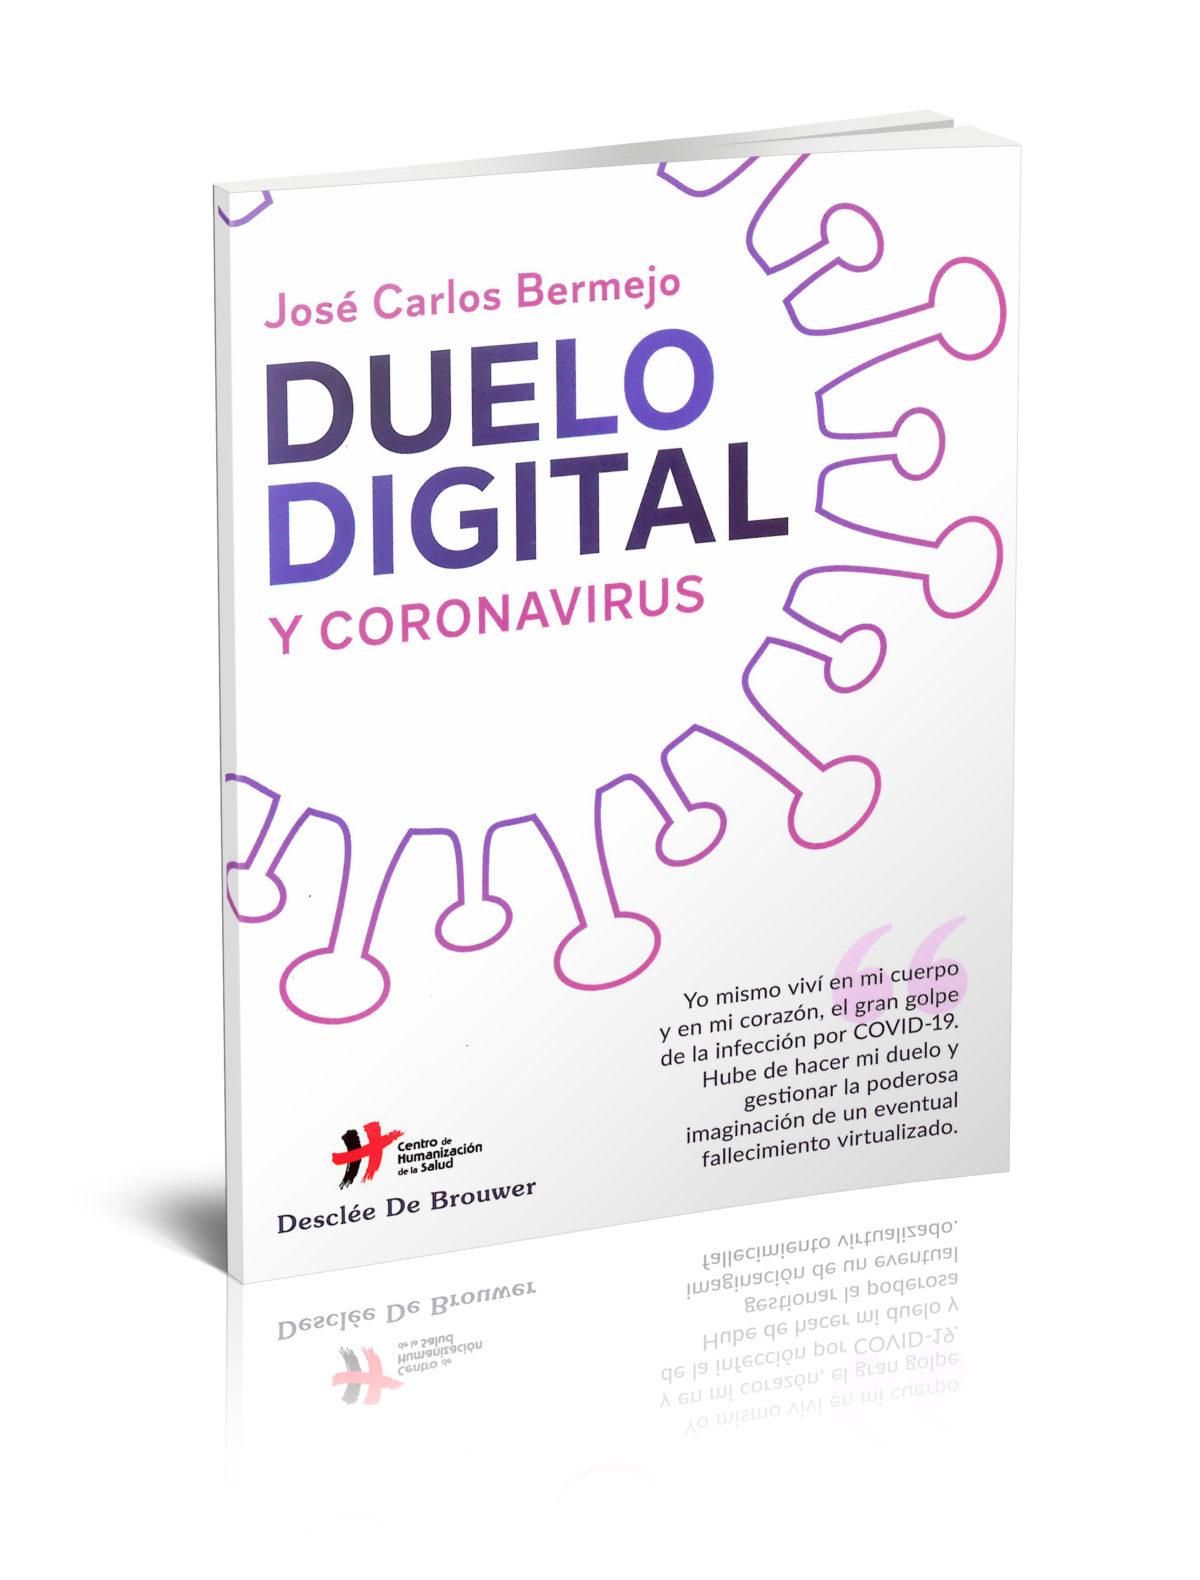 Duelo digital y coronavirus